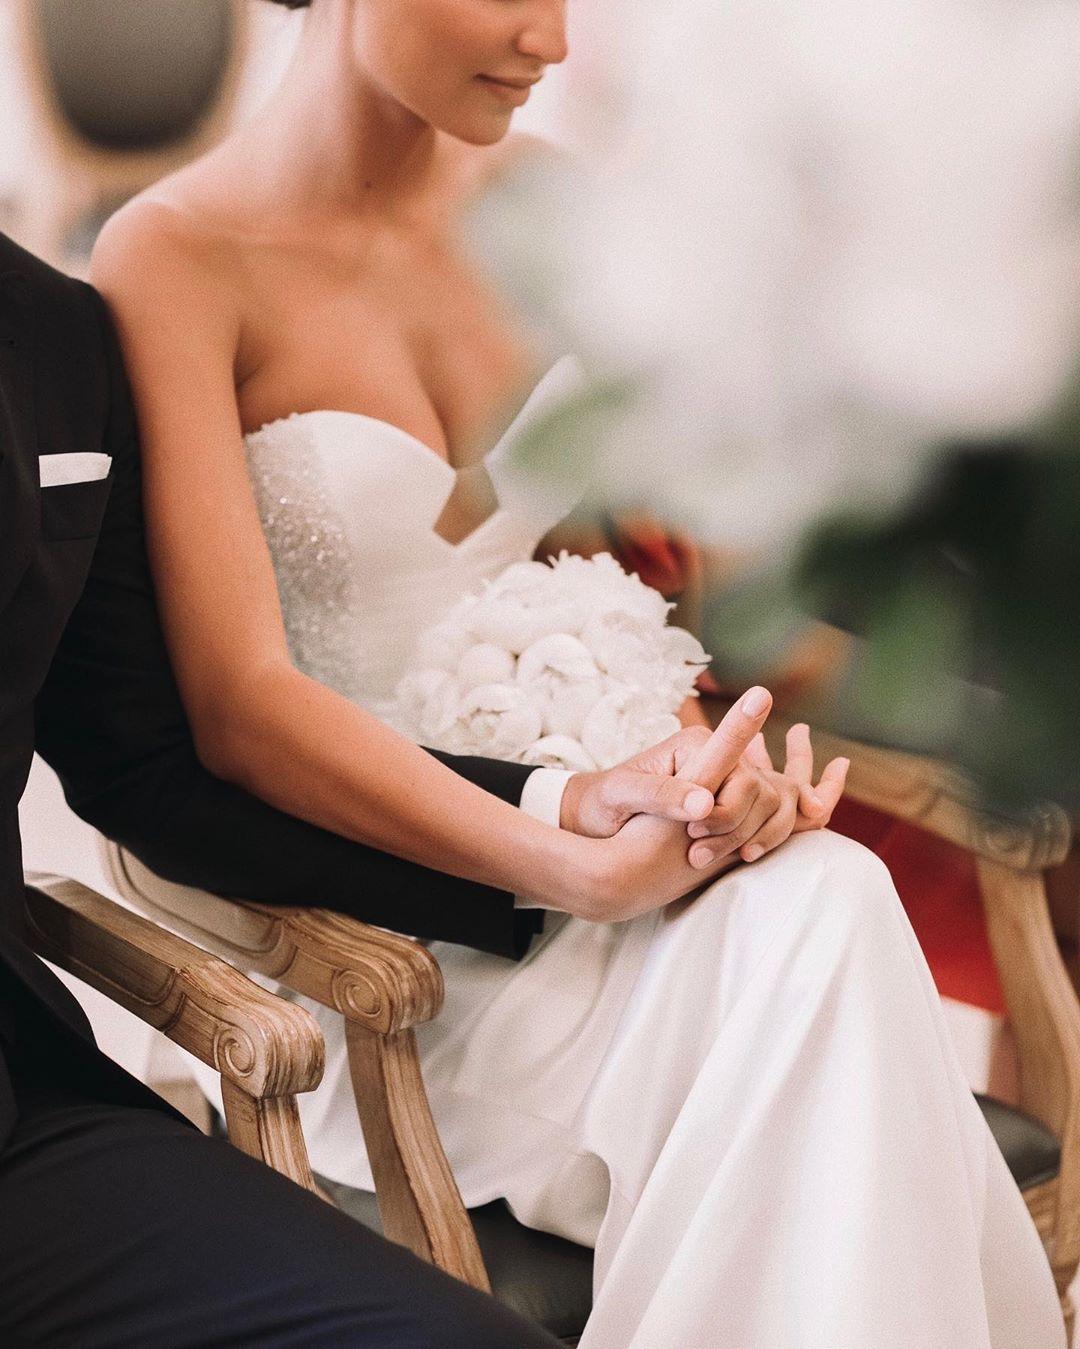 анна андрес вышла замуж фото